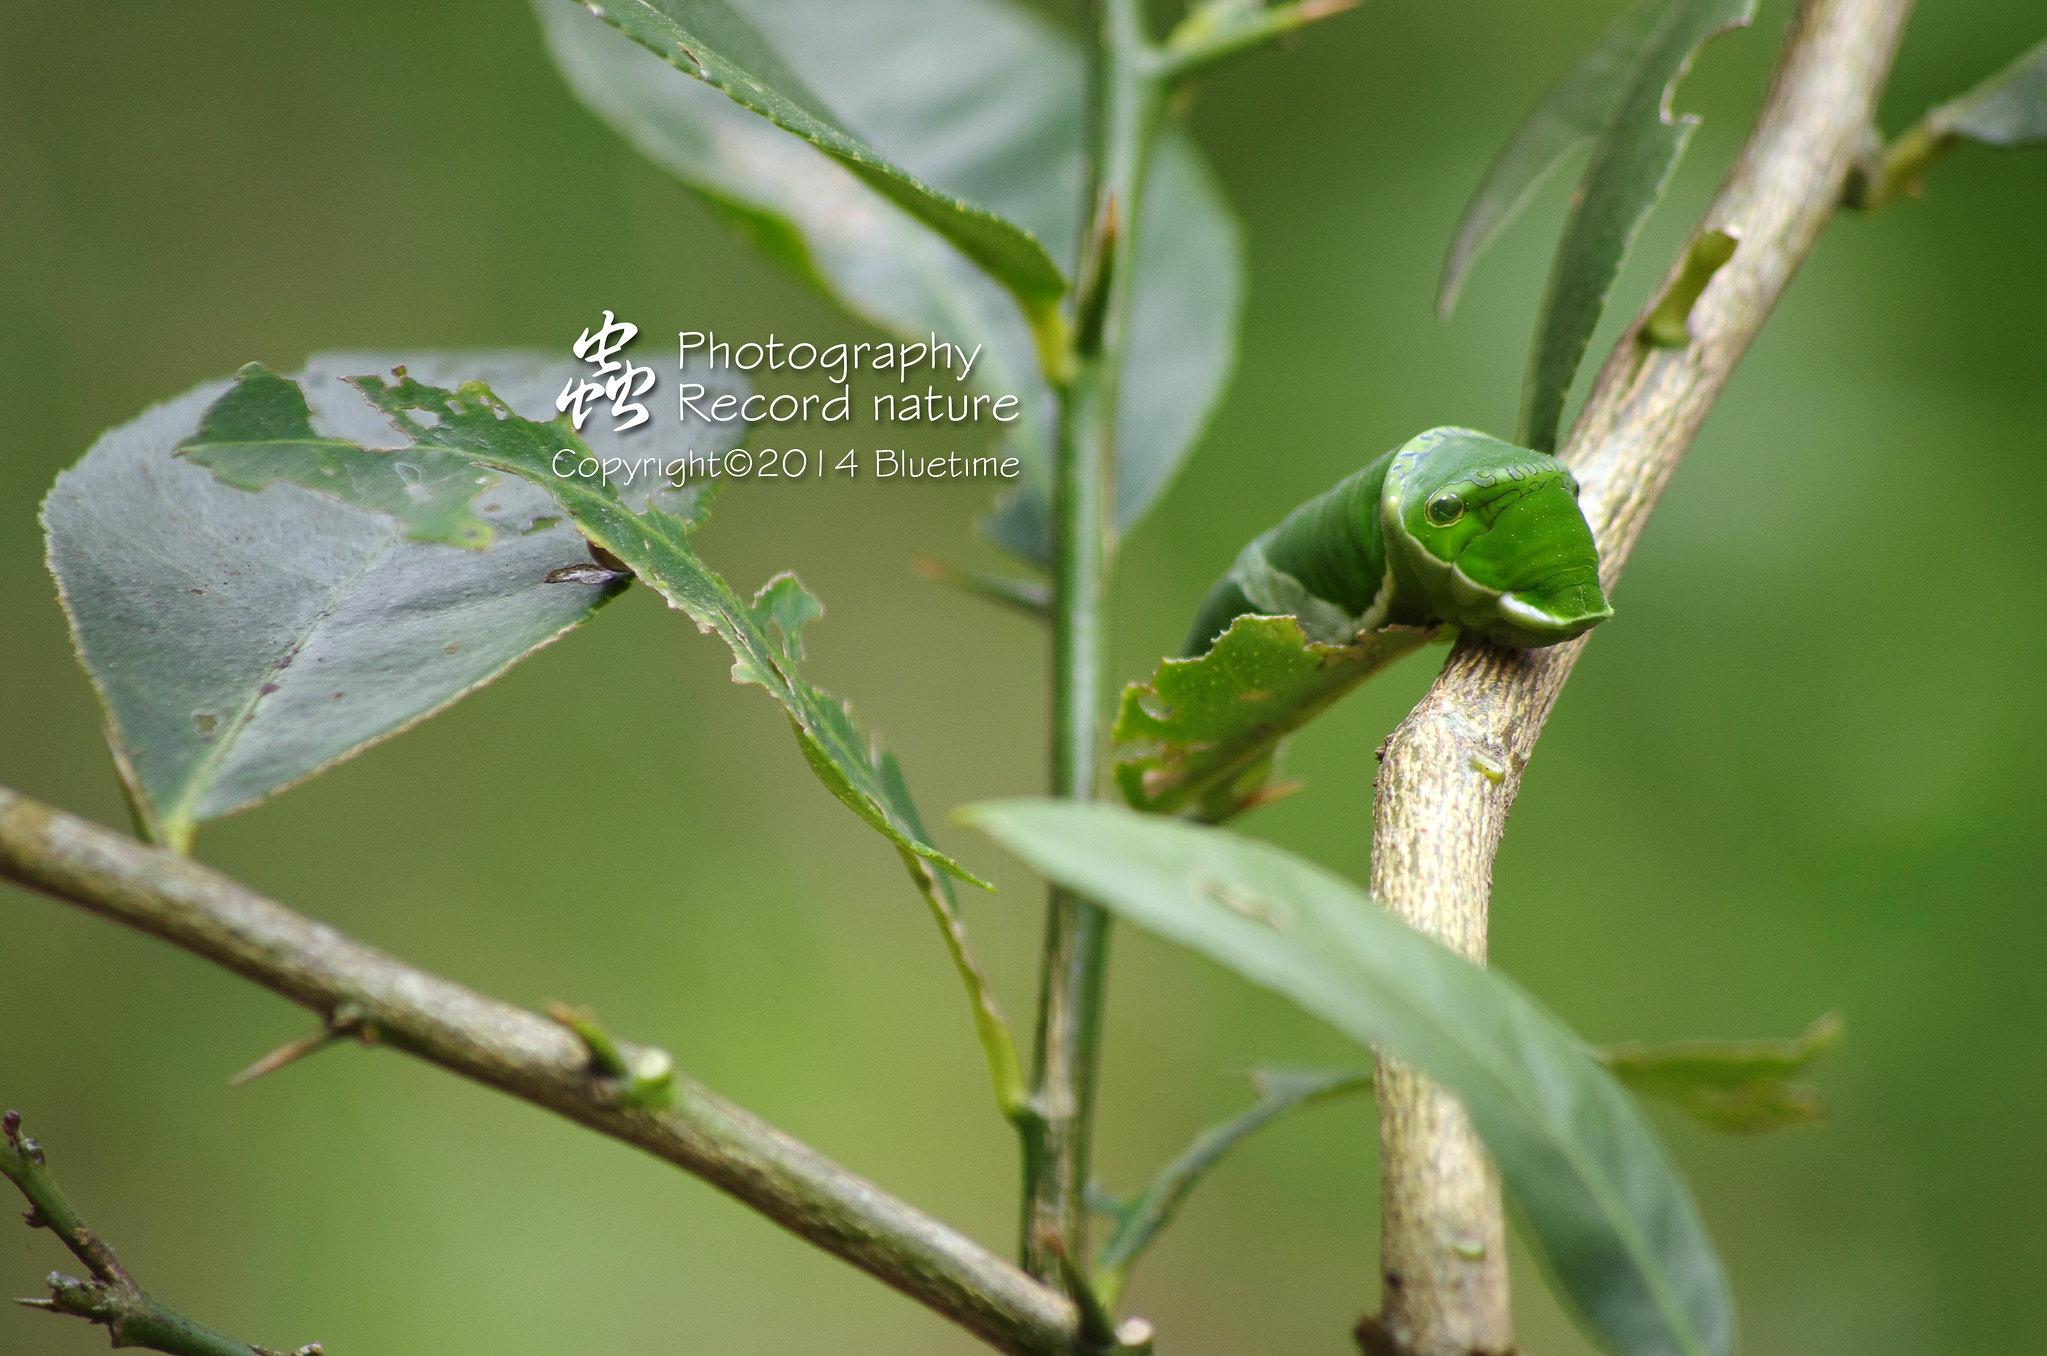 鳳蝶幼蟲-兩張流